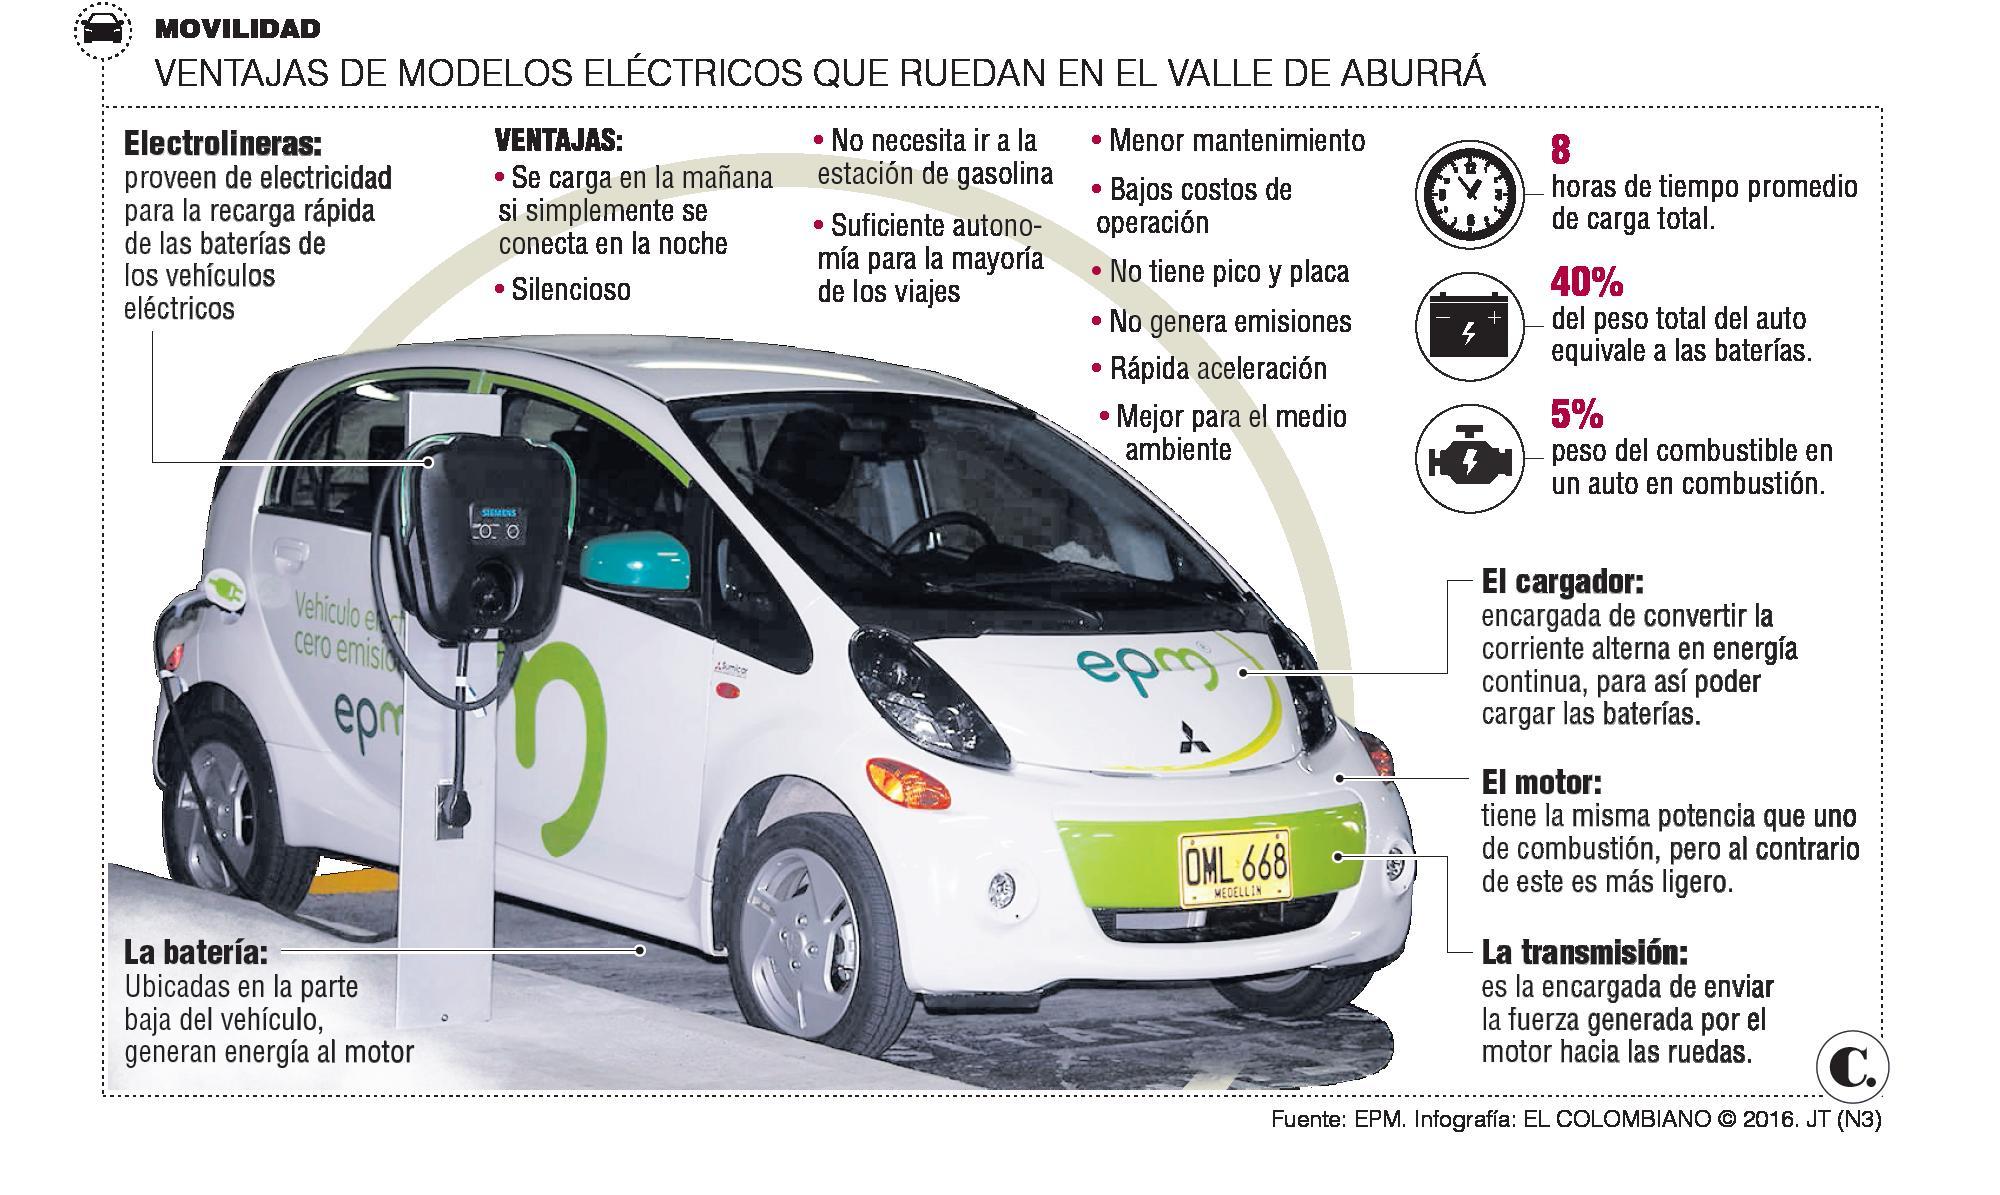 Carros eléctricos toman fuerza en Medellín